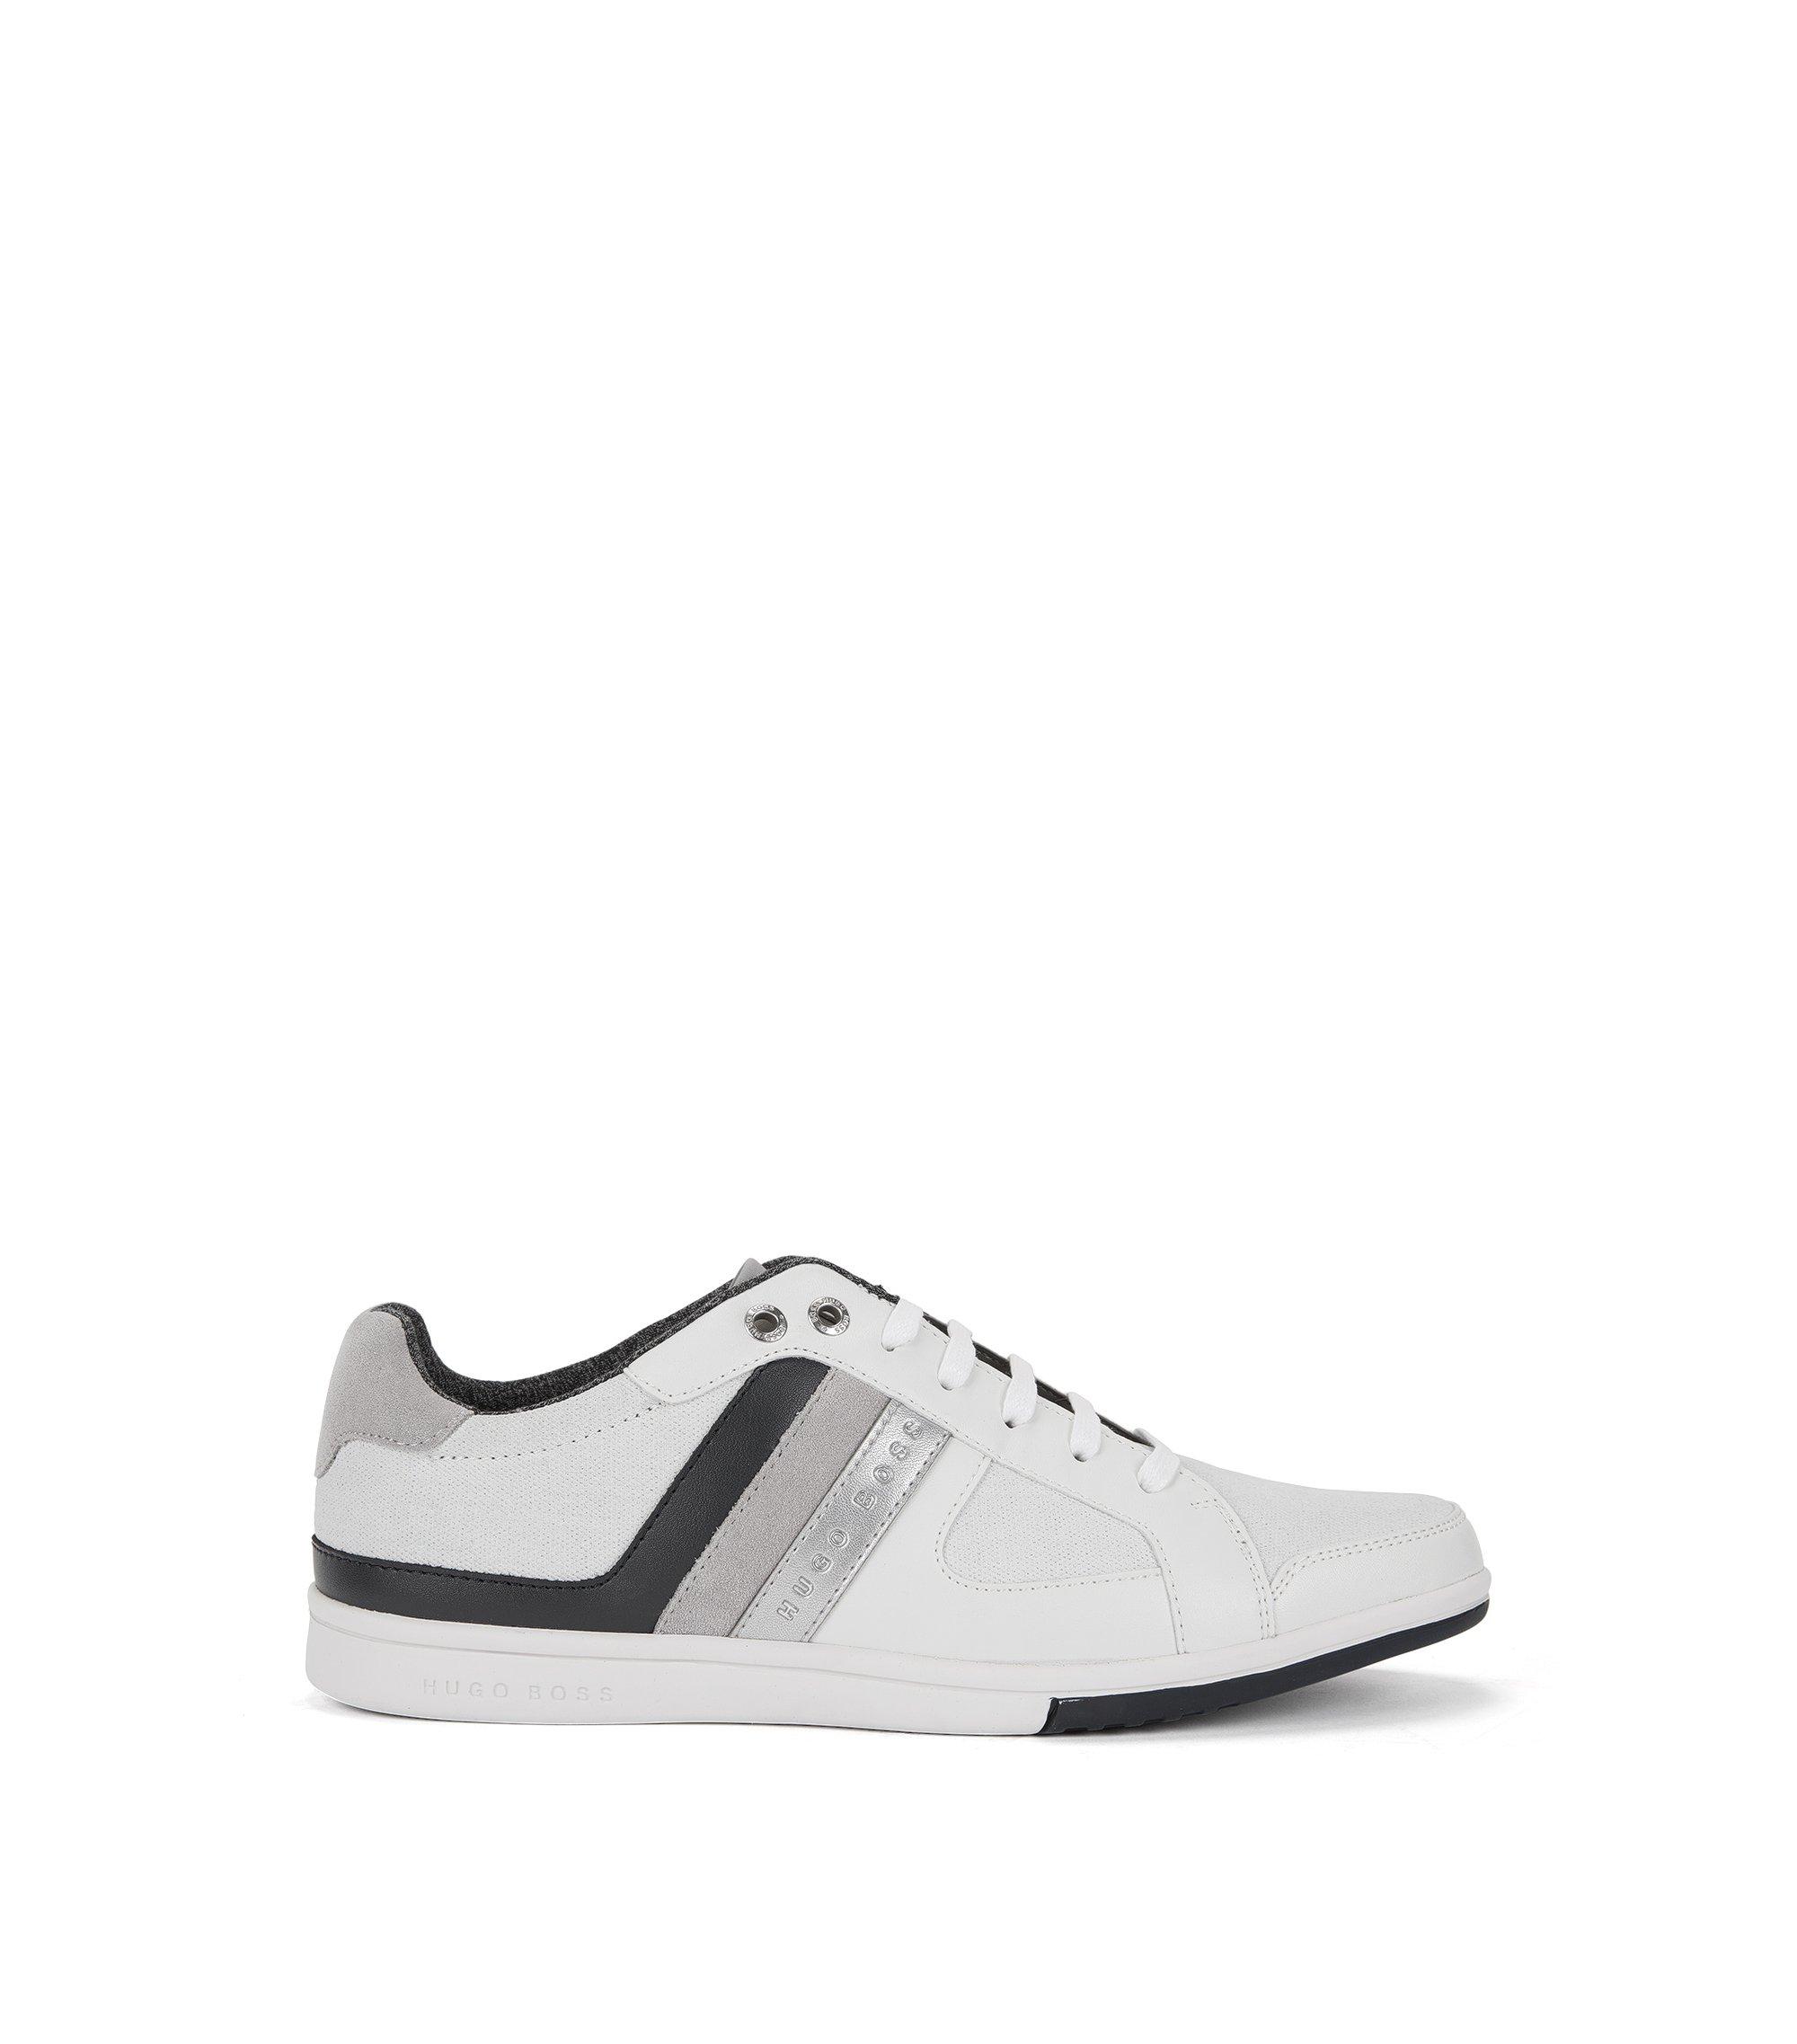 Sneakers stringate low-top in pelle e tela con dettaglio a righe, Bianco